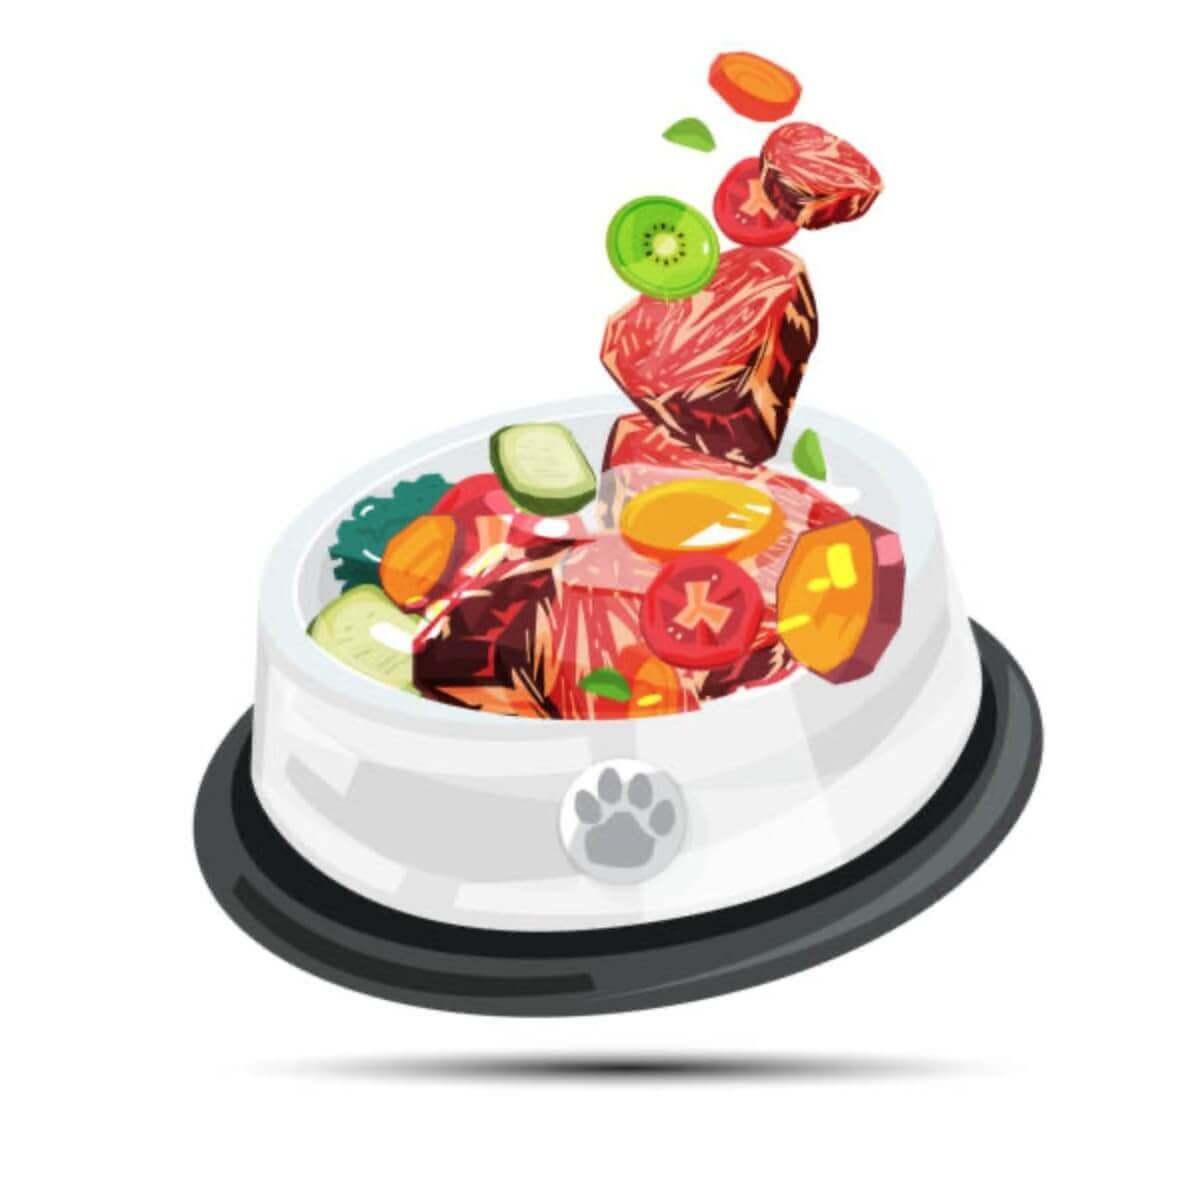 Alimentazione e dieta BARF per cani - Nutrizione del cane a base di carne cruda, ossa carnose, pesce crudo, organi, viscere, frutta e verdura 10